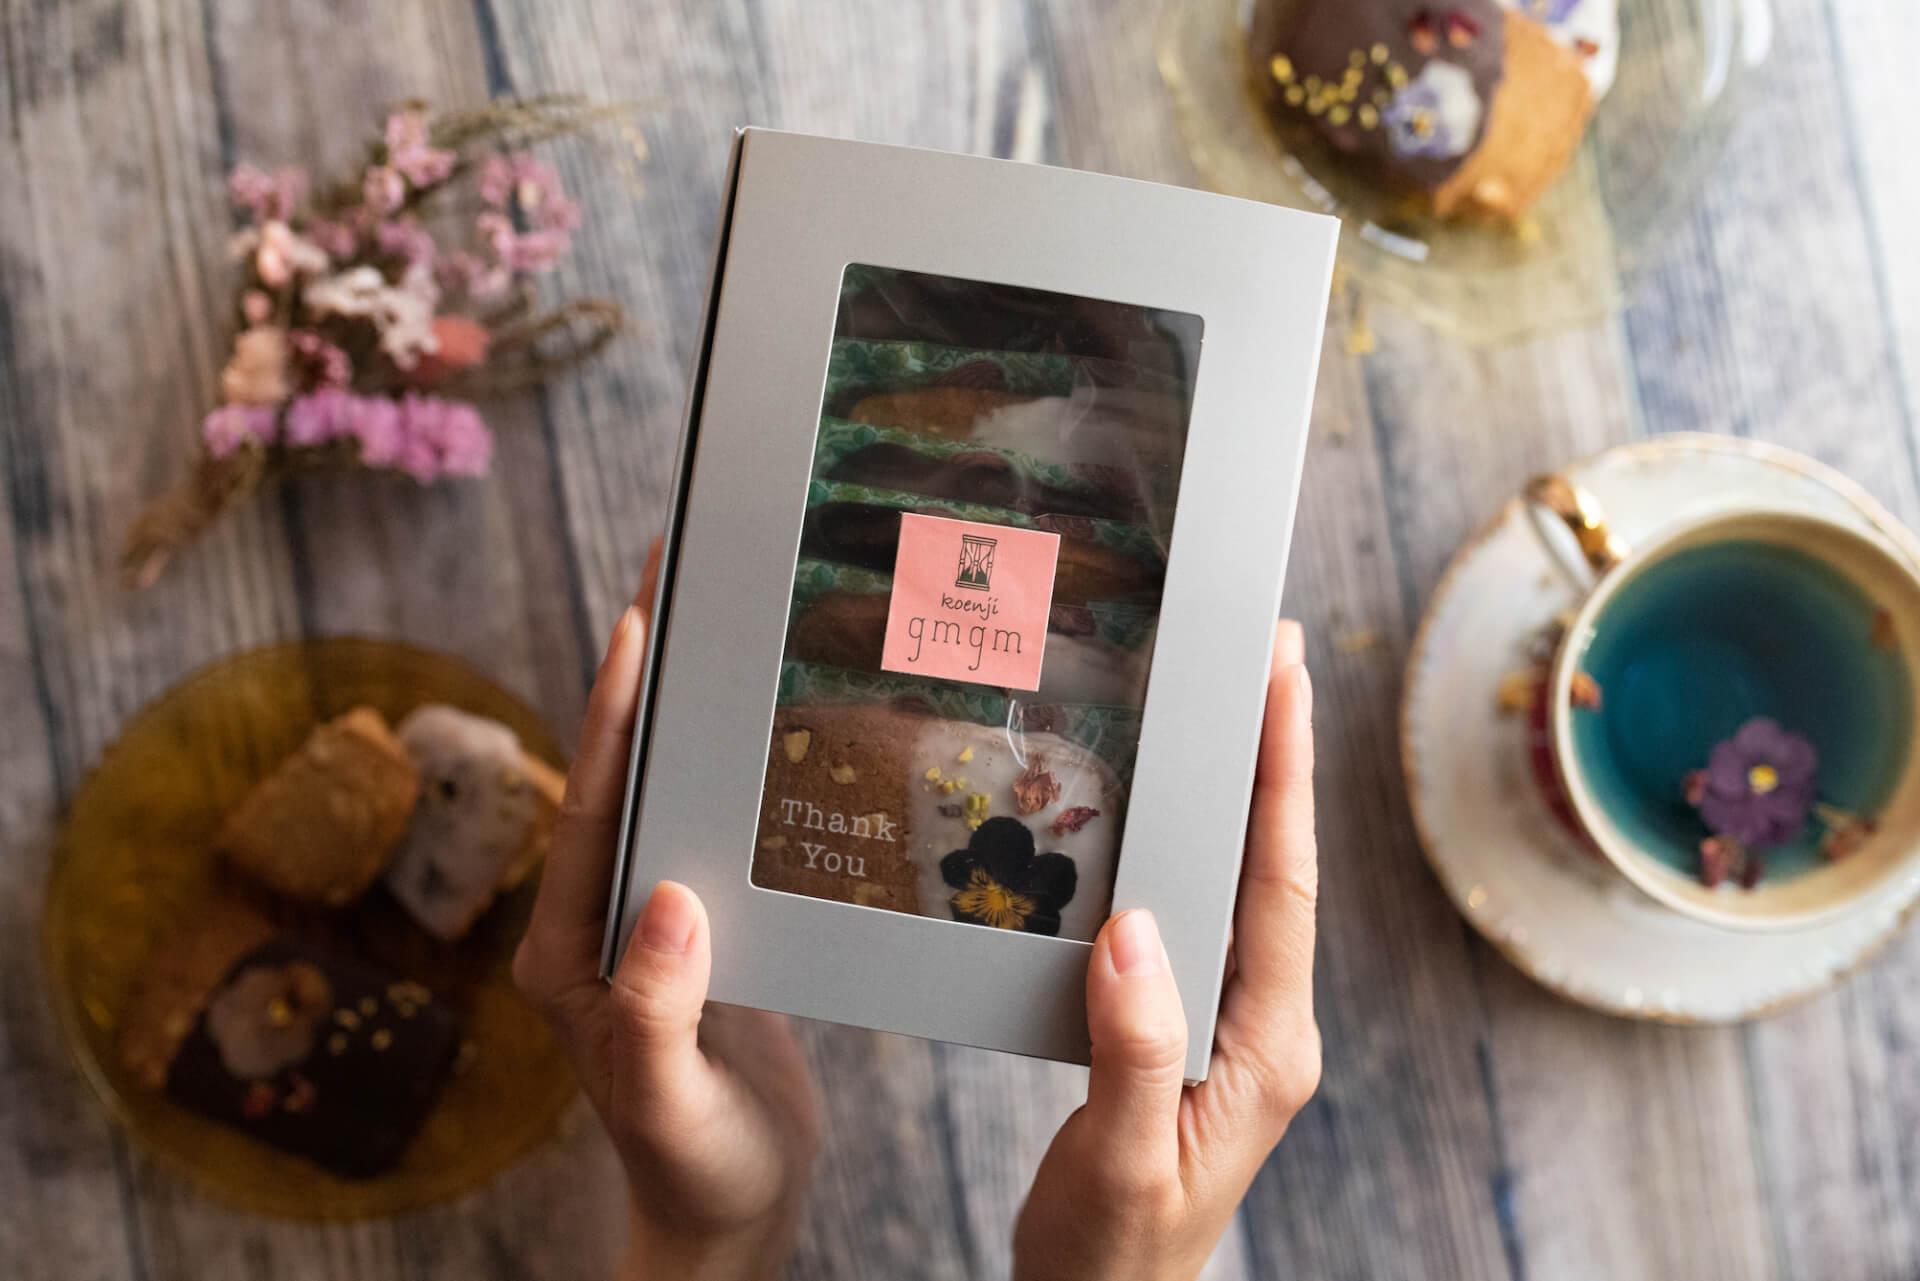 お花のクッキーが人気のgmgmで、ブーケ&お花のドーナツ付『母の日ギフトBOX』が予約受付開始! goulmet210408_gmgm_5